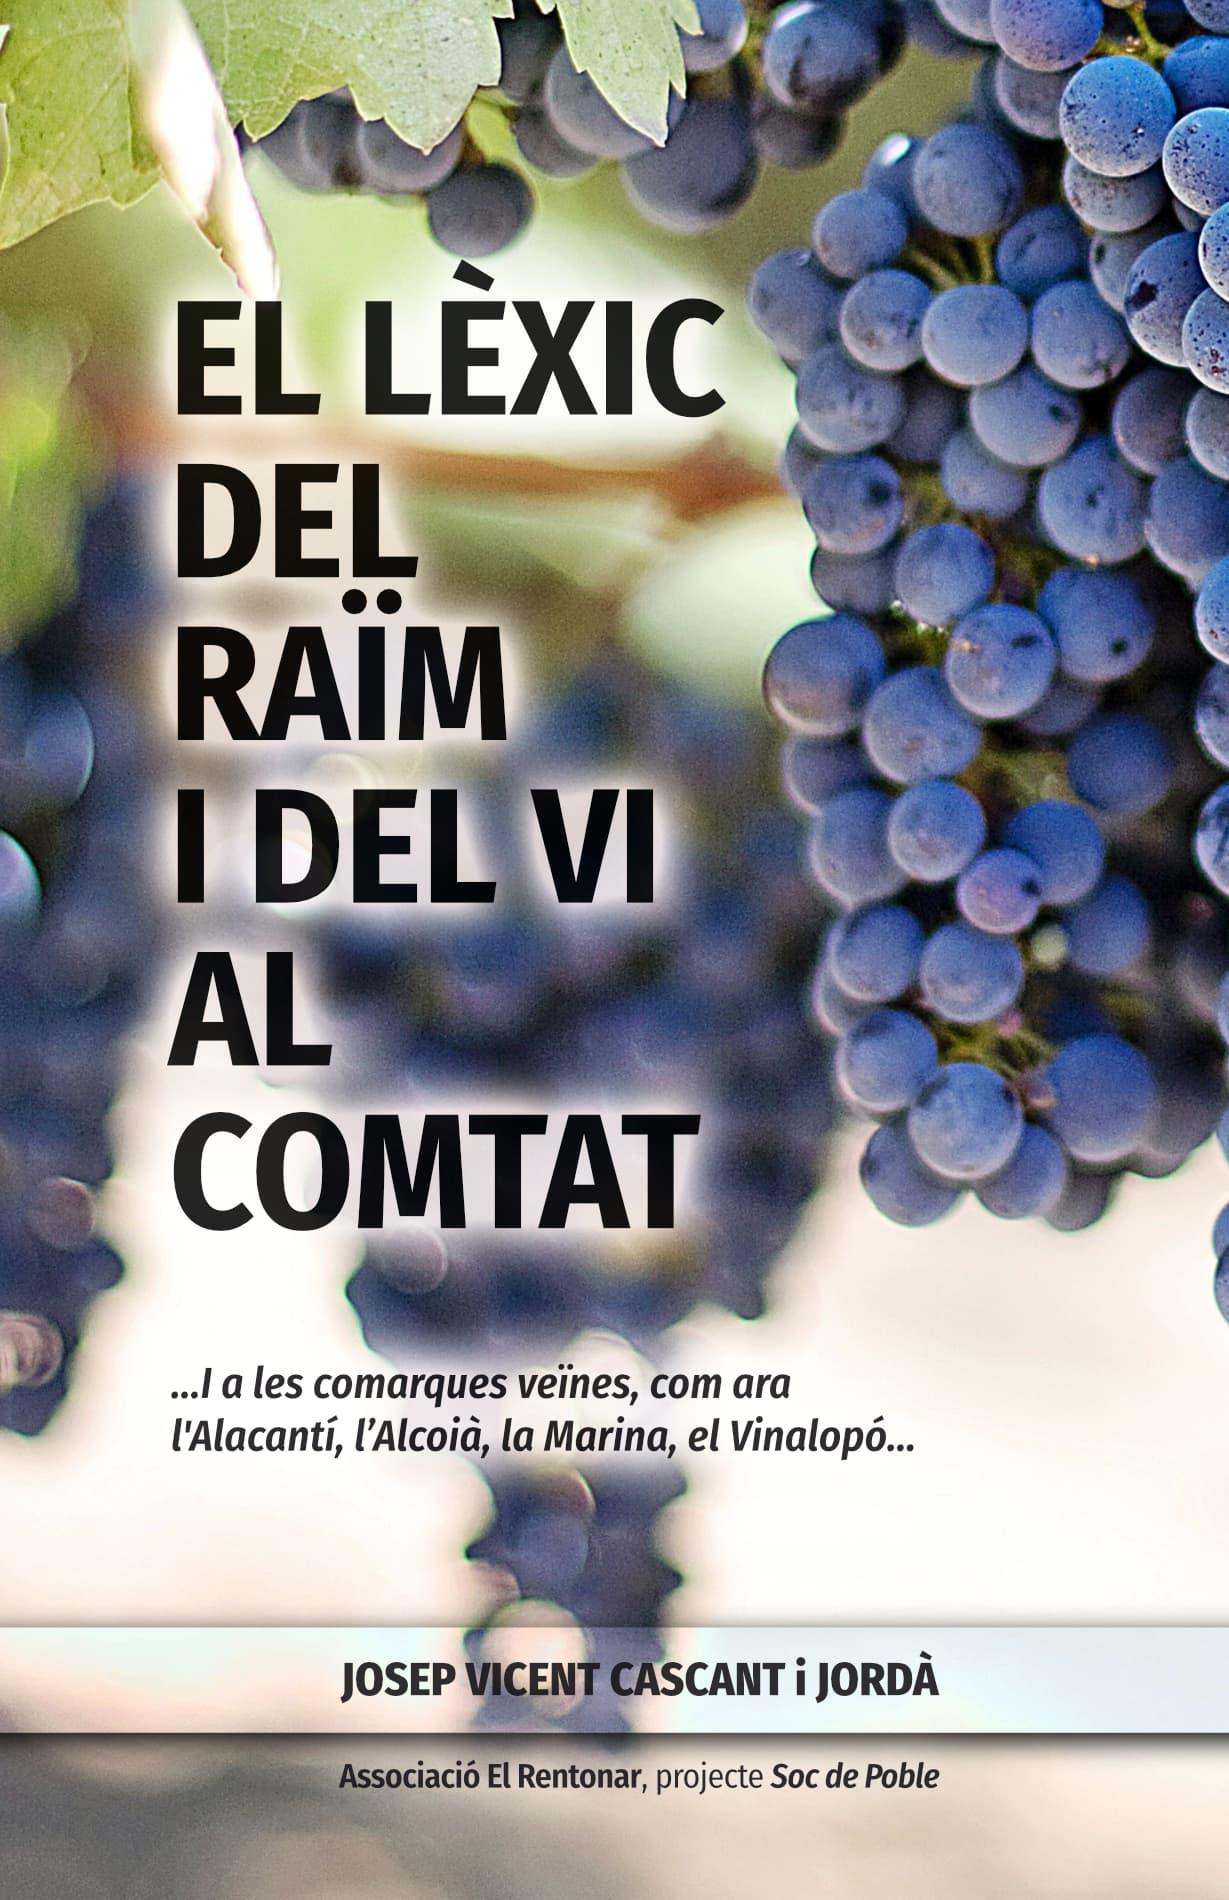 El lèxic de raïm i del vi al Comtat. Portada